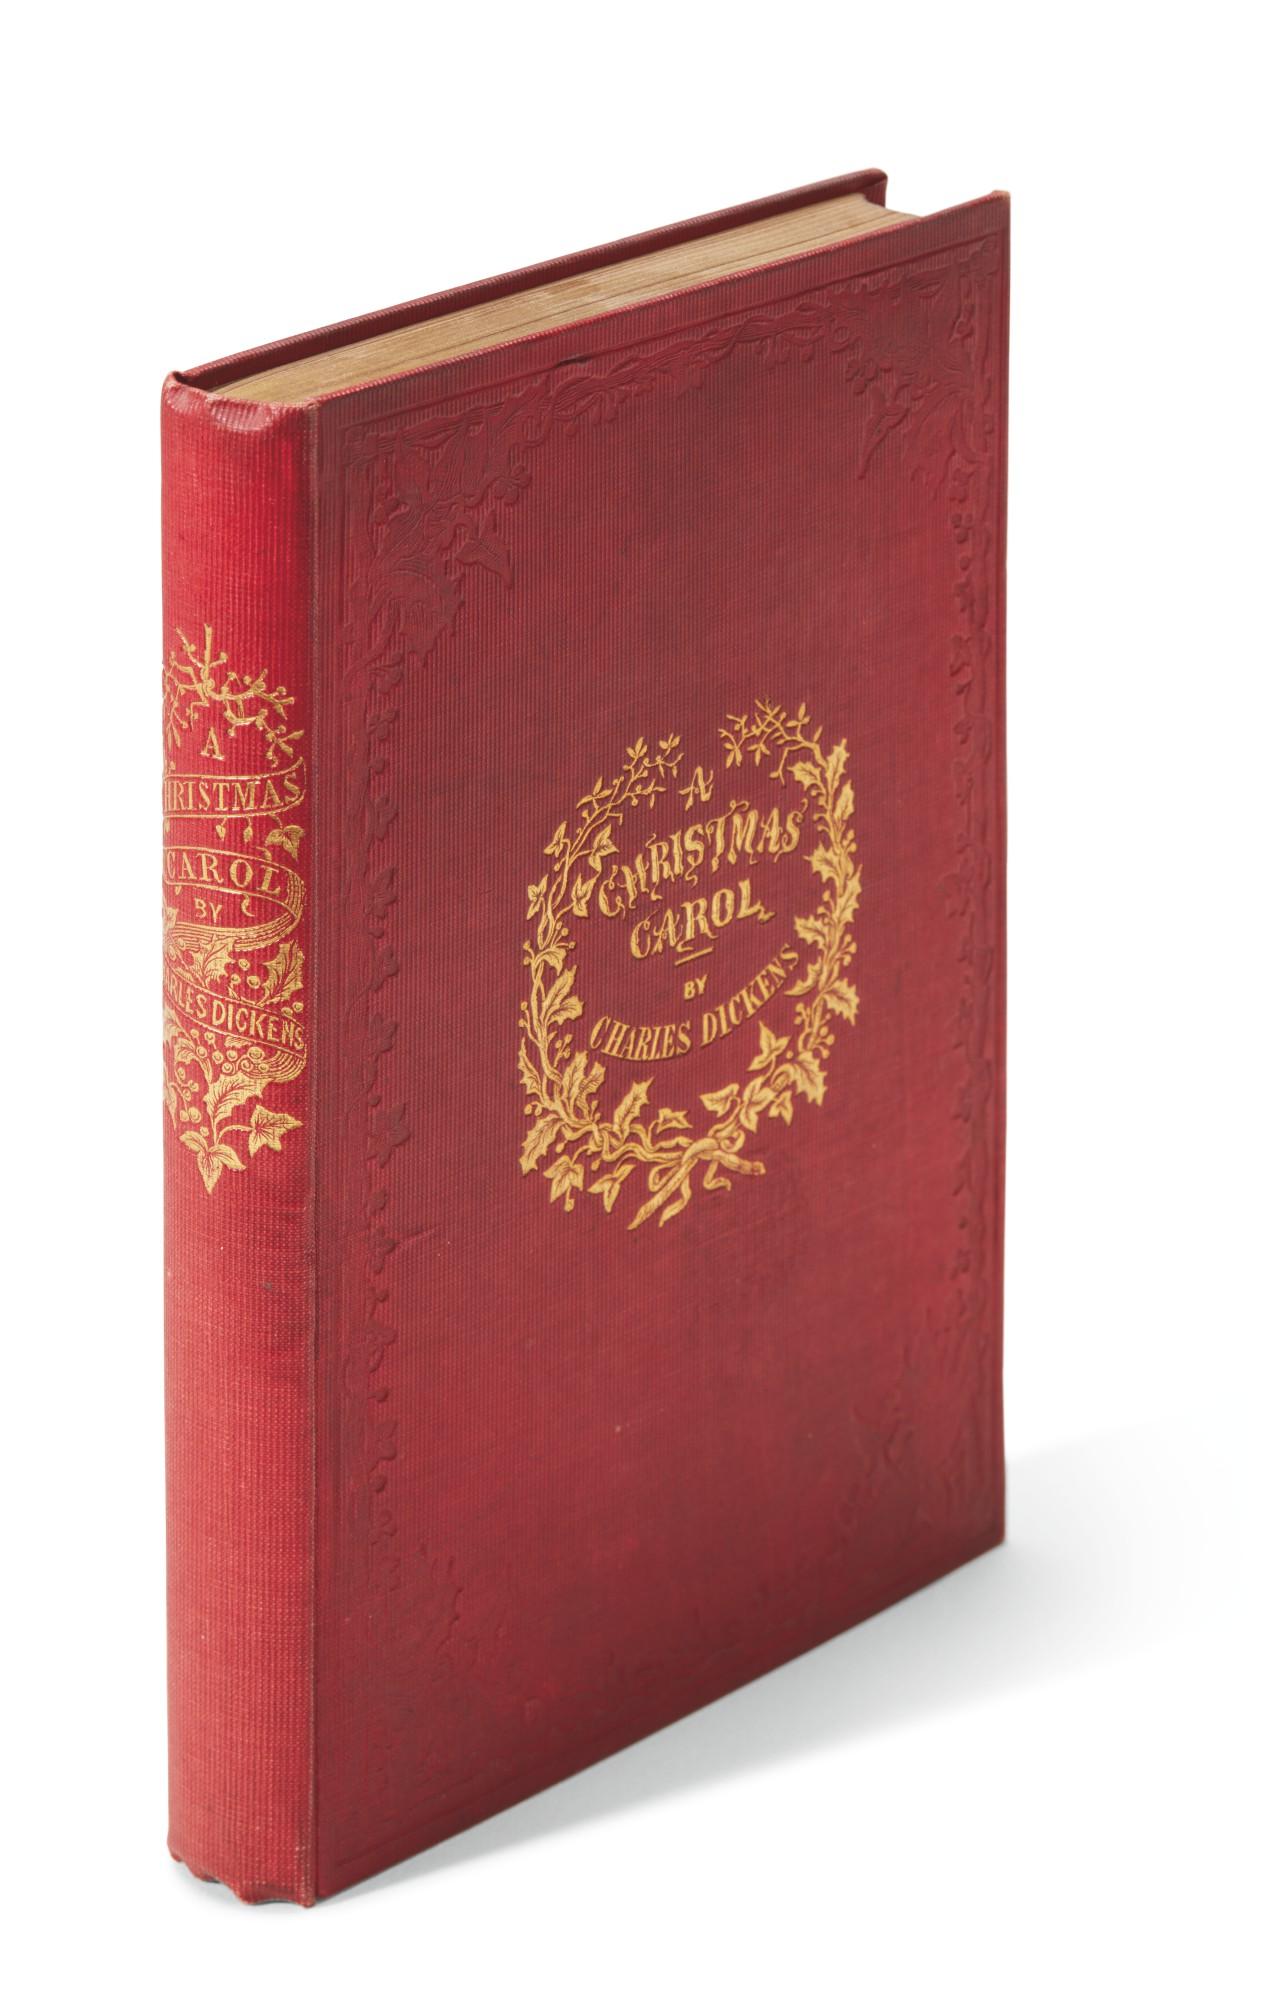 Dickens, A Christmas Carol, 1849, twelfth edition